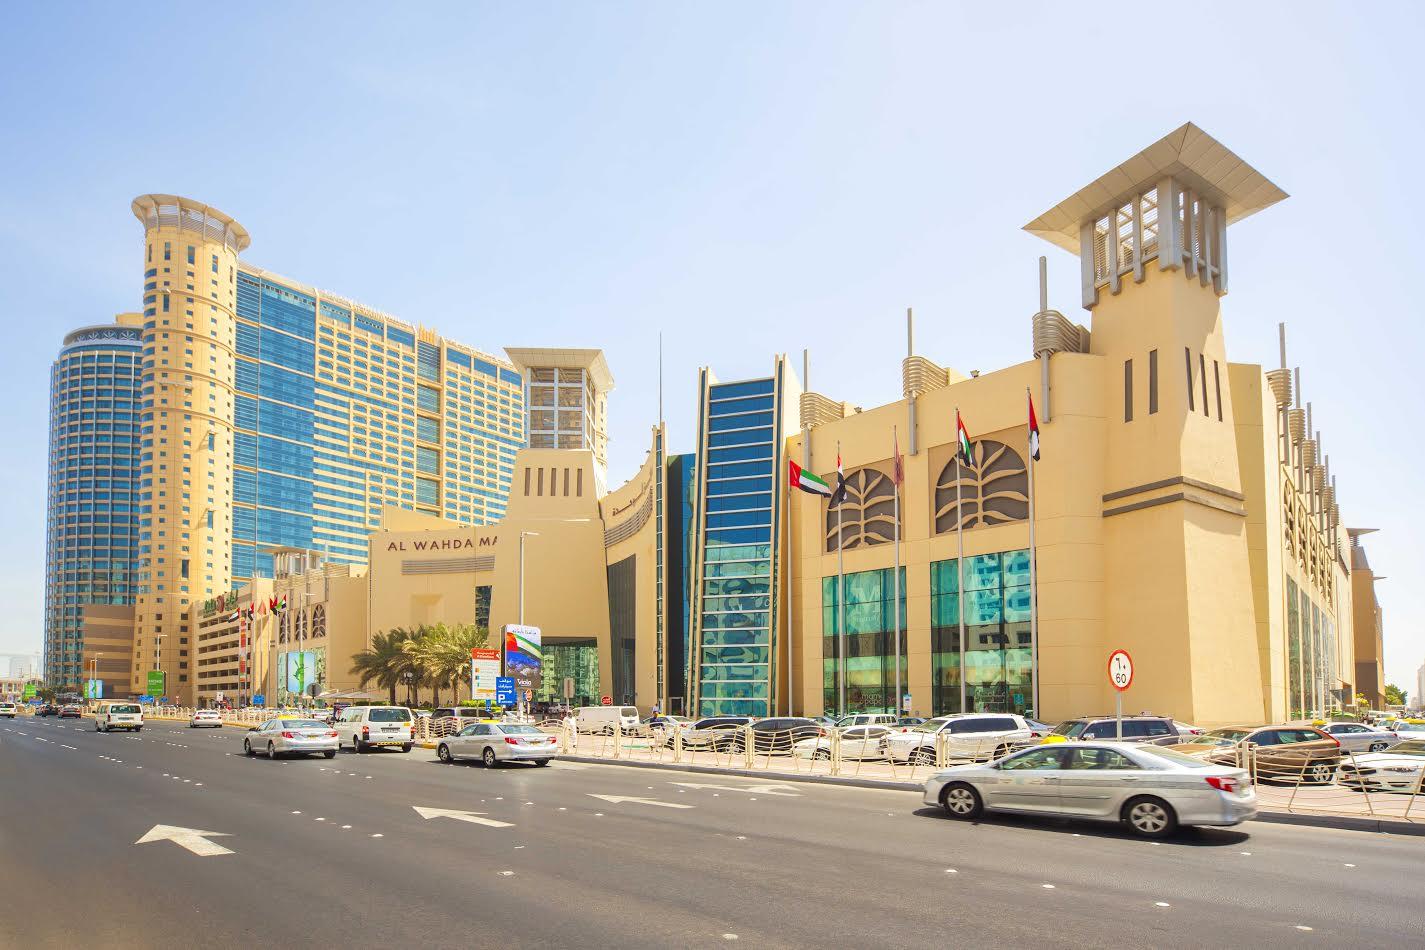 أنشطة في الوحدة مول أبوظبي الامارات